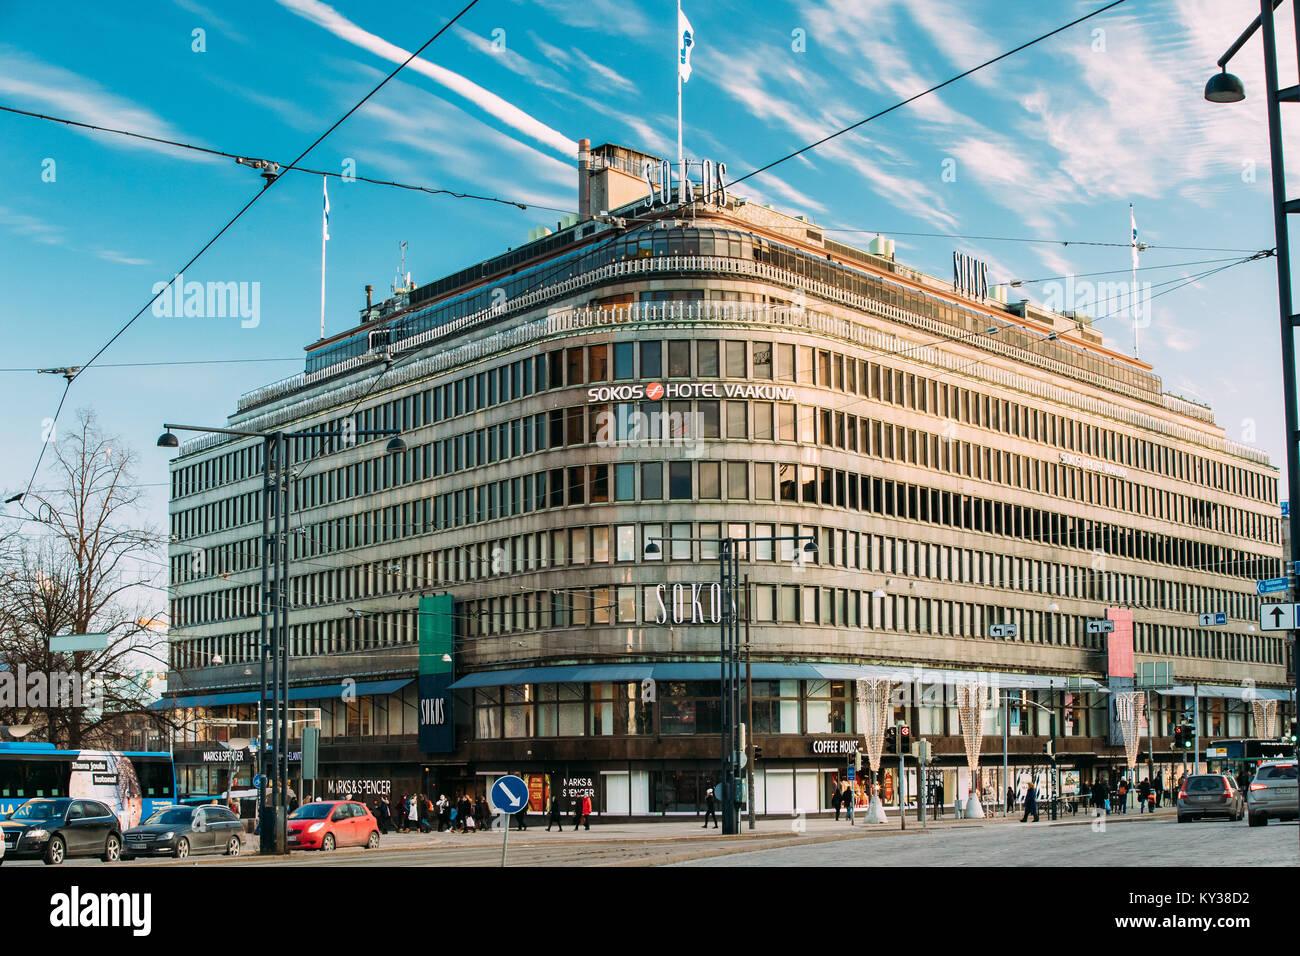 Helsinki, Finlandia - 10 de diciembre de 2016 Original: Vista del hotel Sokos en invierno día soleado Imagen De Stock